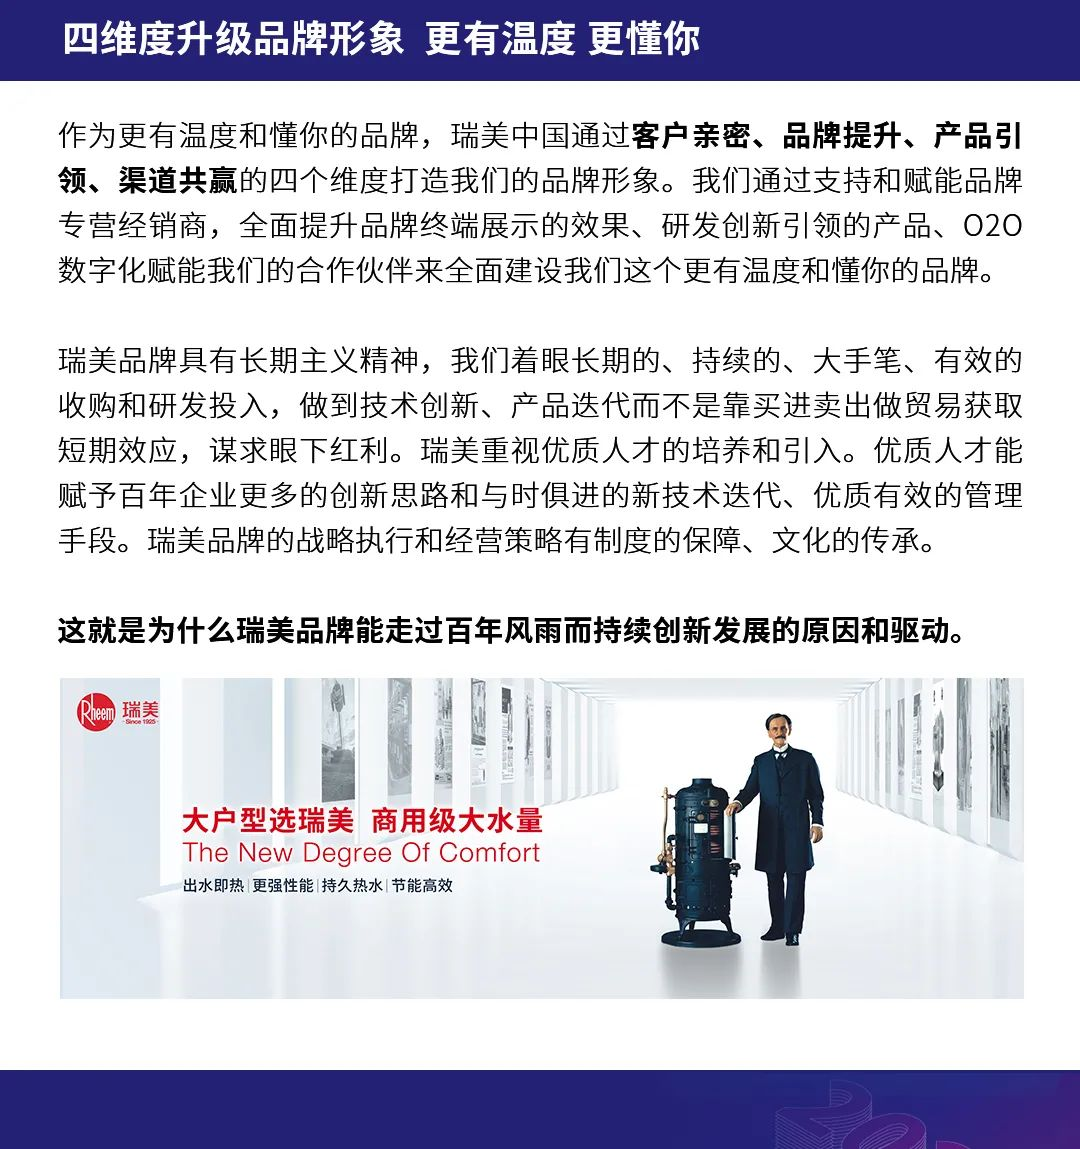 双碳背景下,中国舒适人居市场的智能化进程5